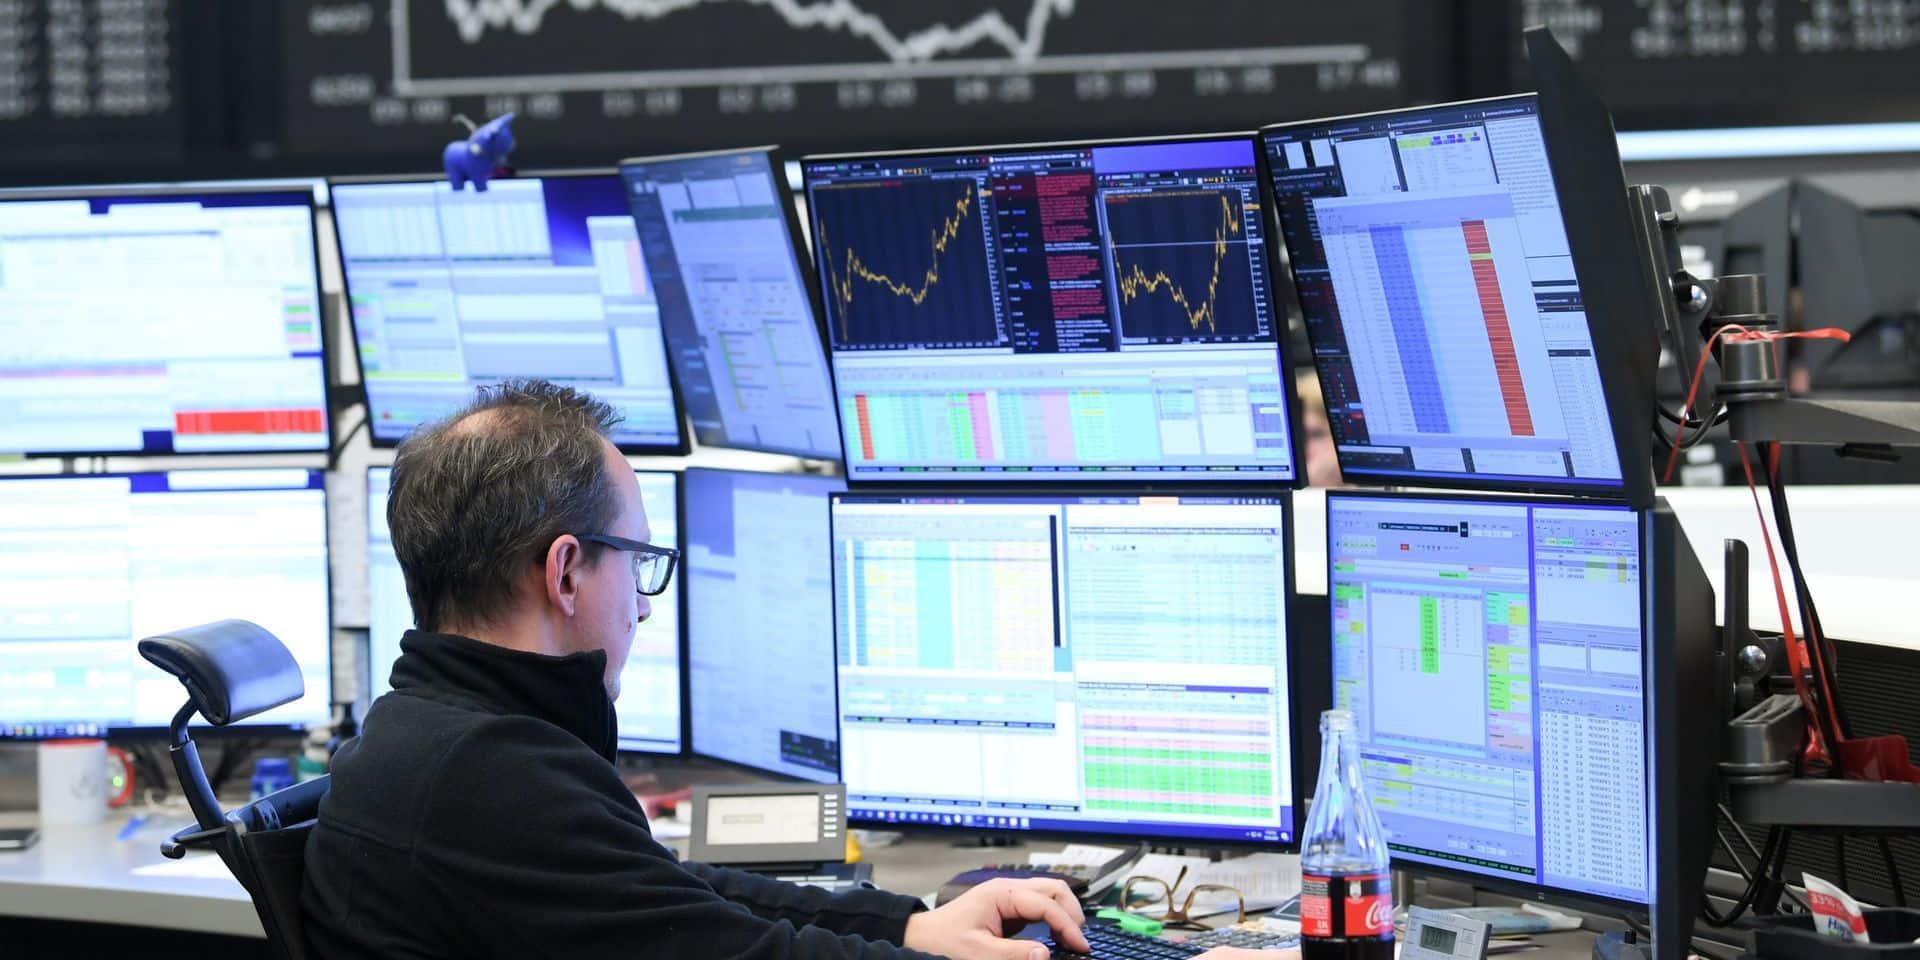 Les marchés mondiaux hésitent, en pleine incertitude américaine